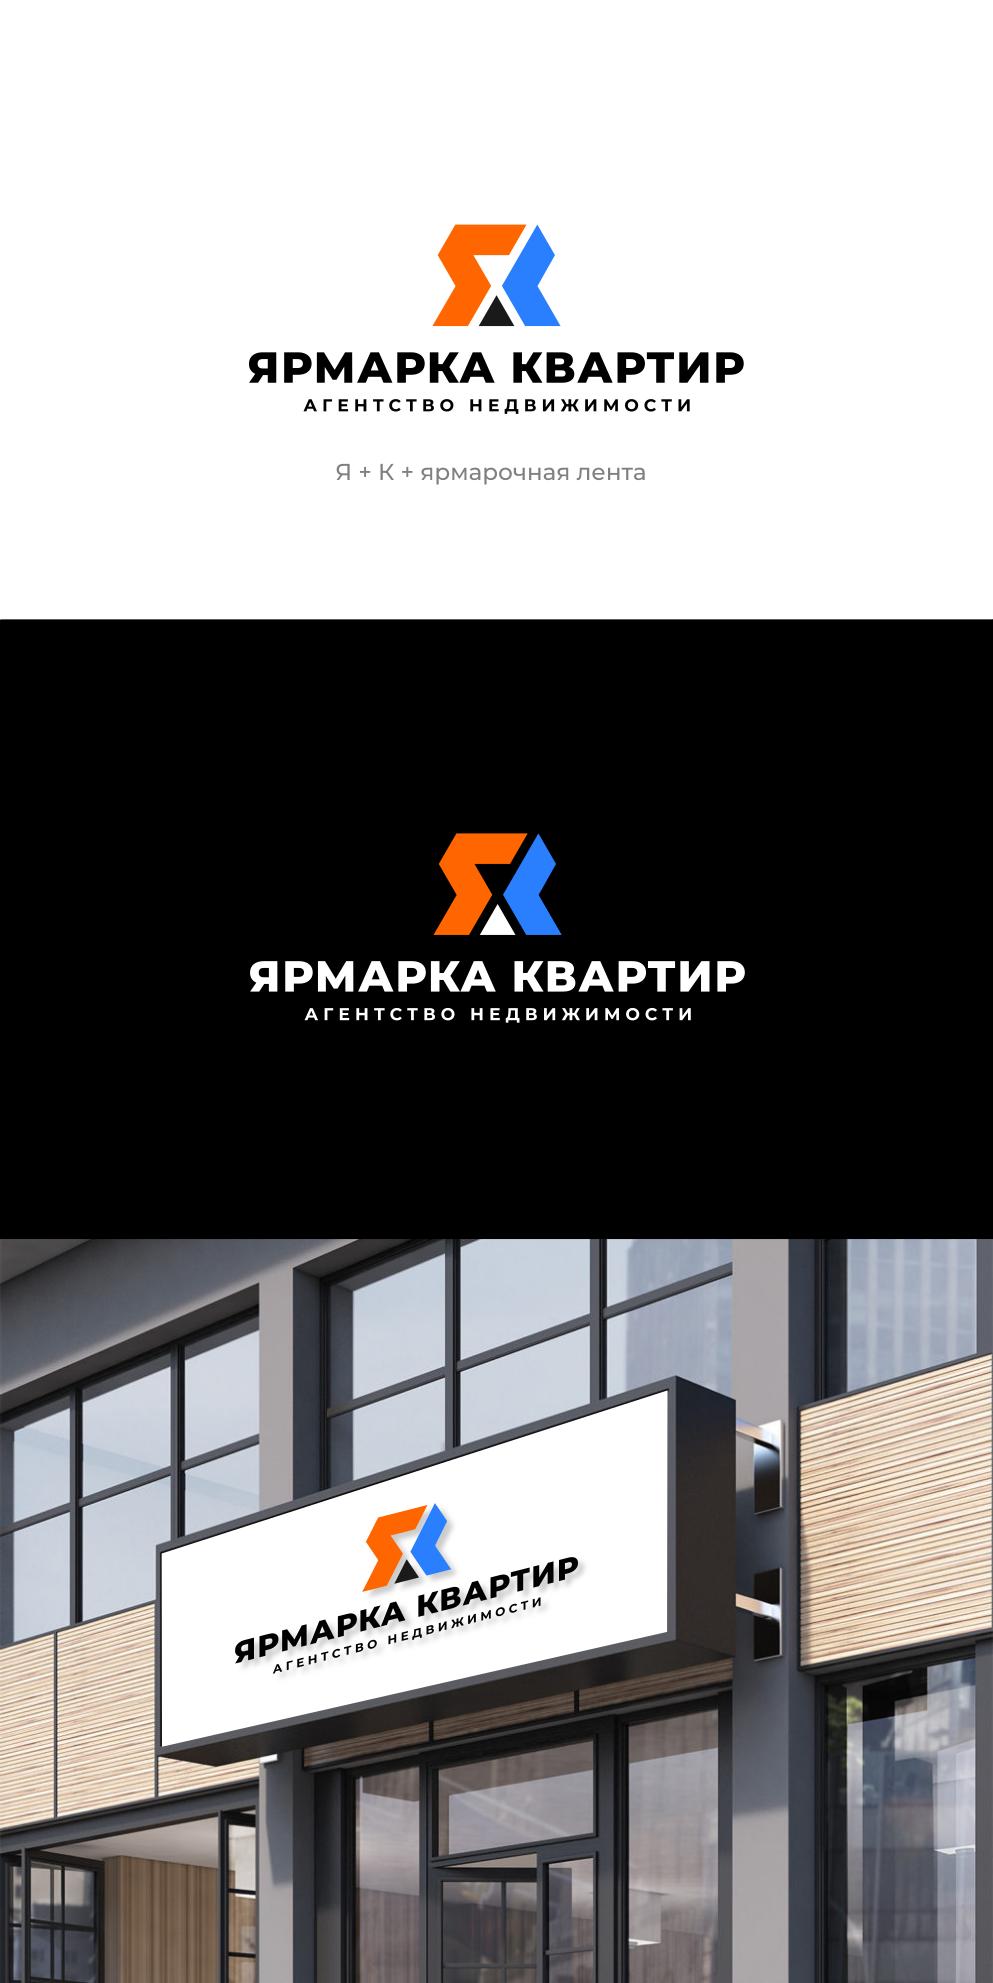 Создание логотипа, с вариантами для визитки и листовки фото f_9636008752fafd5e.png